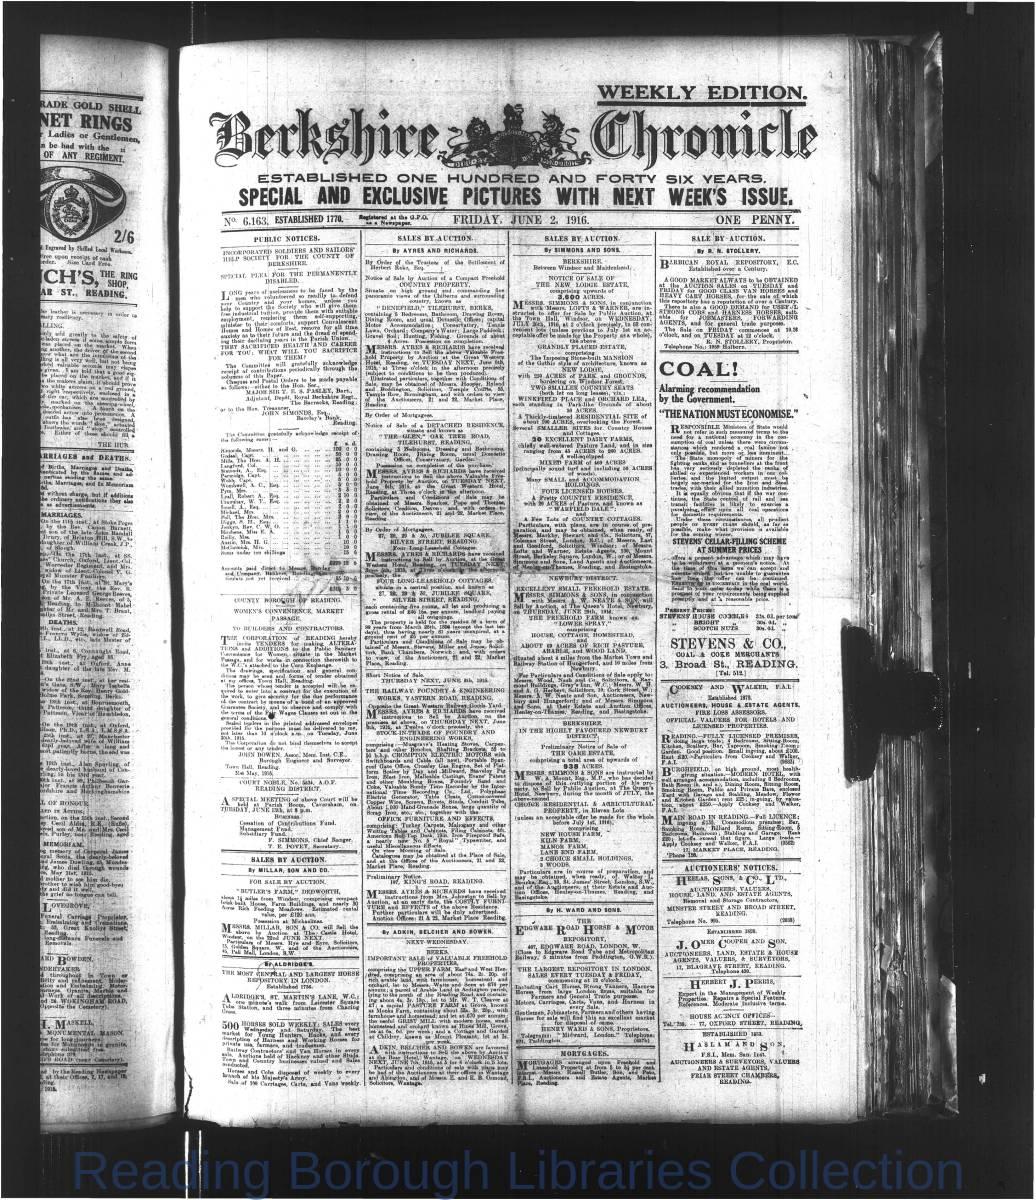 Berkshire Chronicle Reading_02-06-1916_00002.jpg